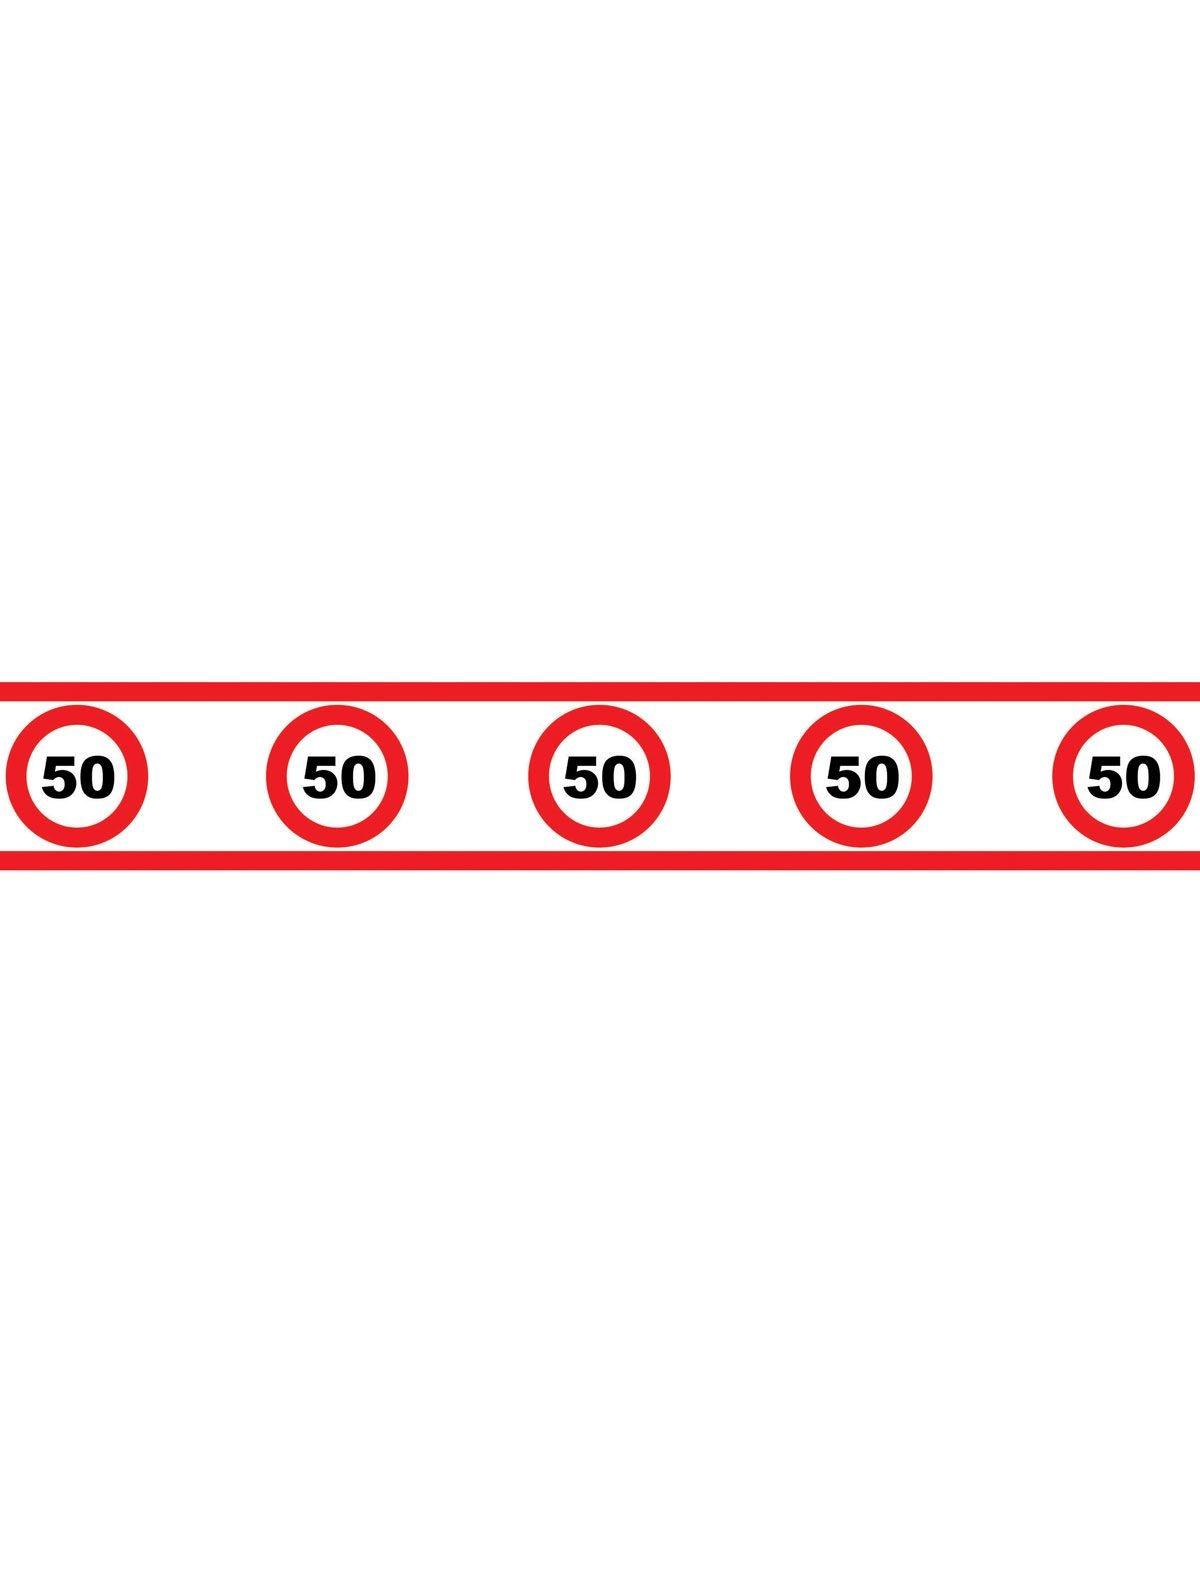 Party afzetlint 50 jaar met verkeersborden 610x8cm